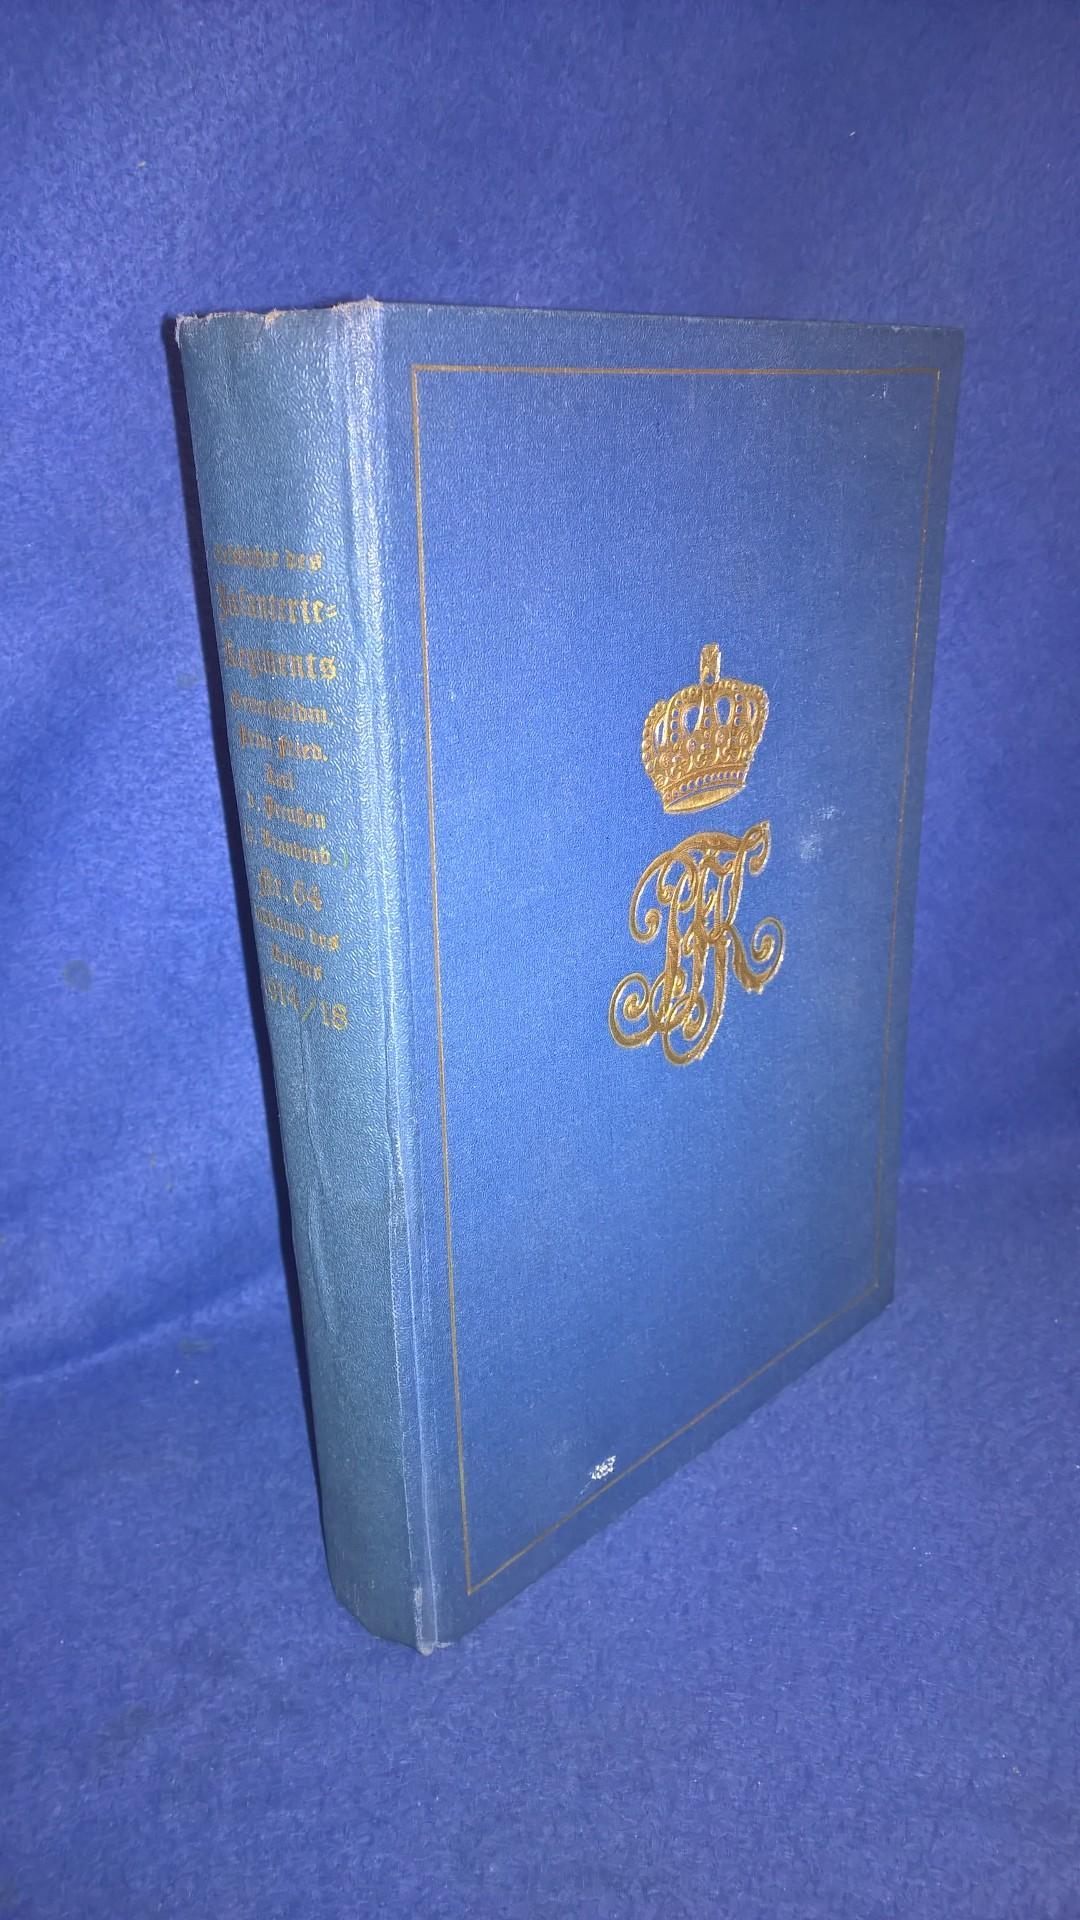 Geschichte des Infanterie-Regiments Generalfeldmarschall Prinz Friedrich Karl von Preussen (8. Brandenburg.) Nr. 64, während des Krieges 1914 -18.